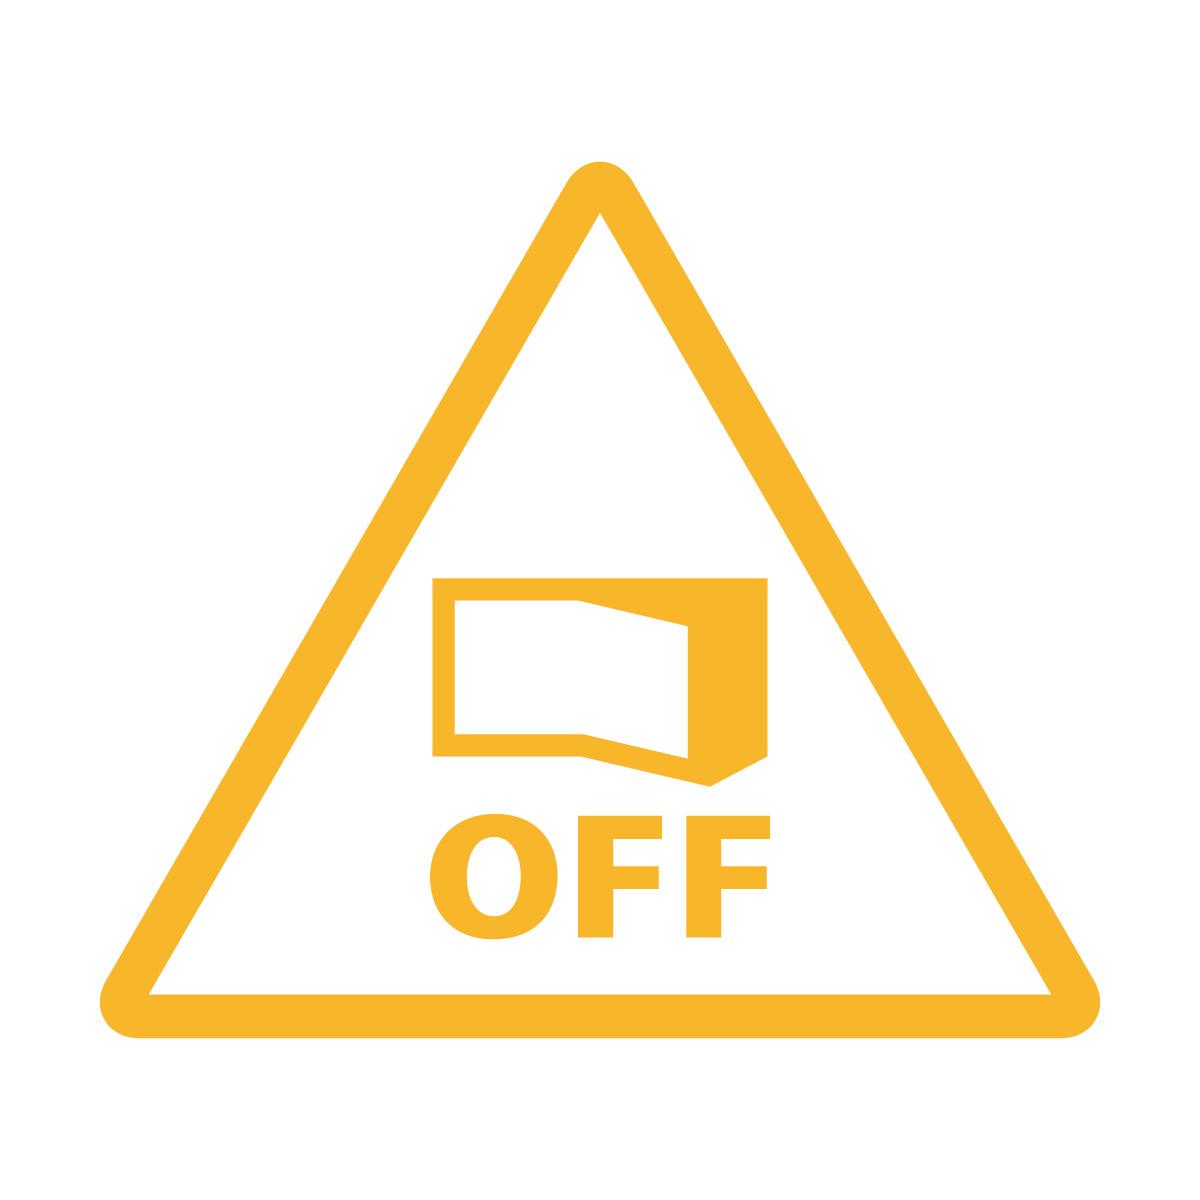 黄色の節電注意・電源OFF確認マークのカッティングステッカー・シール 光沢タイプ・防水・耐水・屋外耐候3~4年